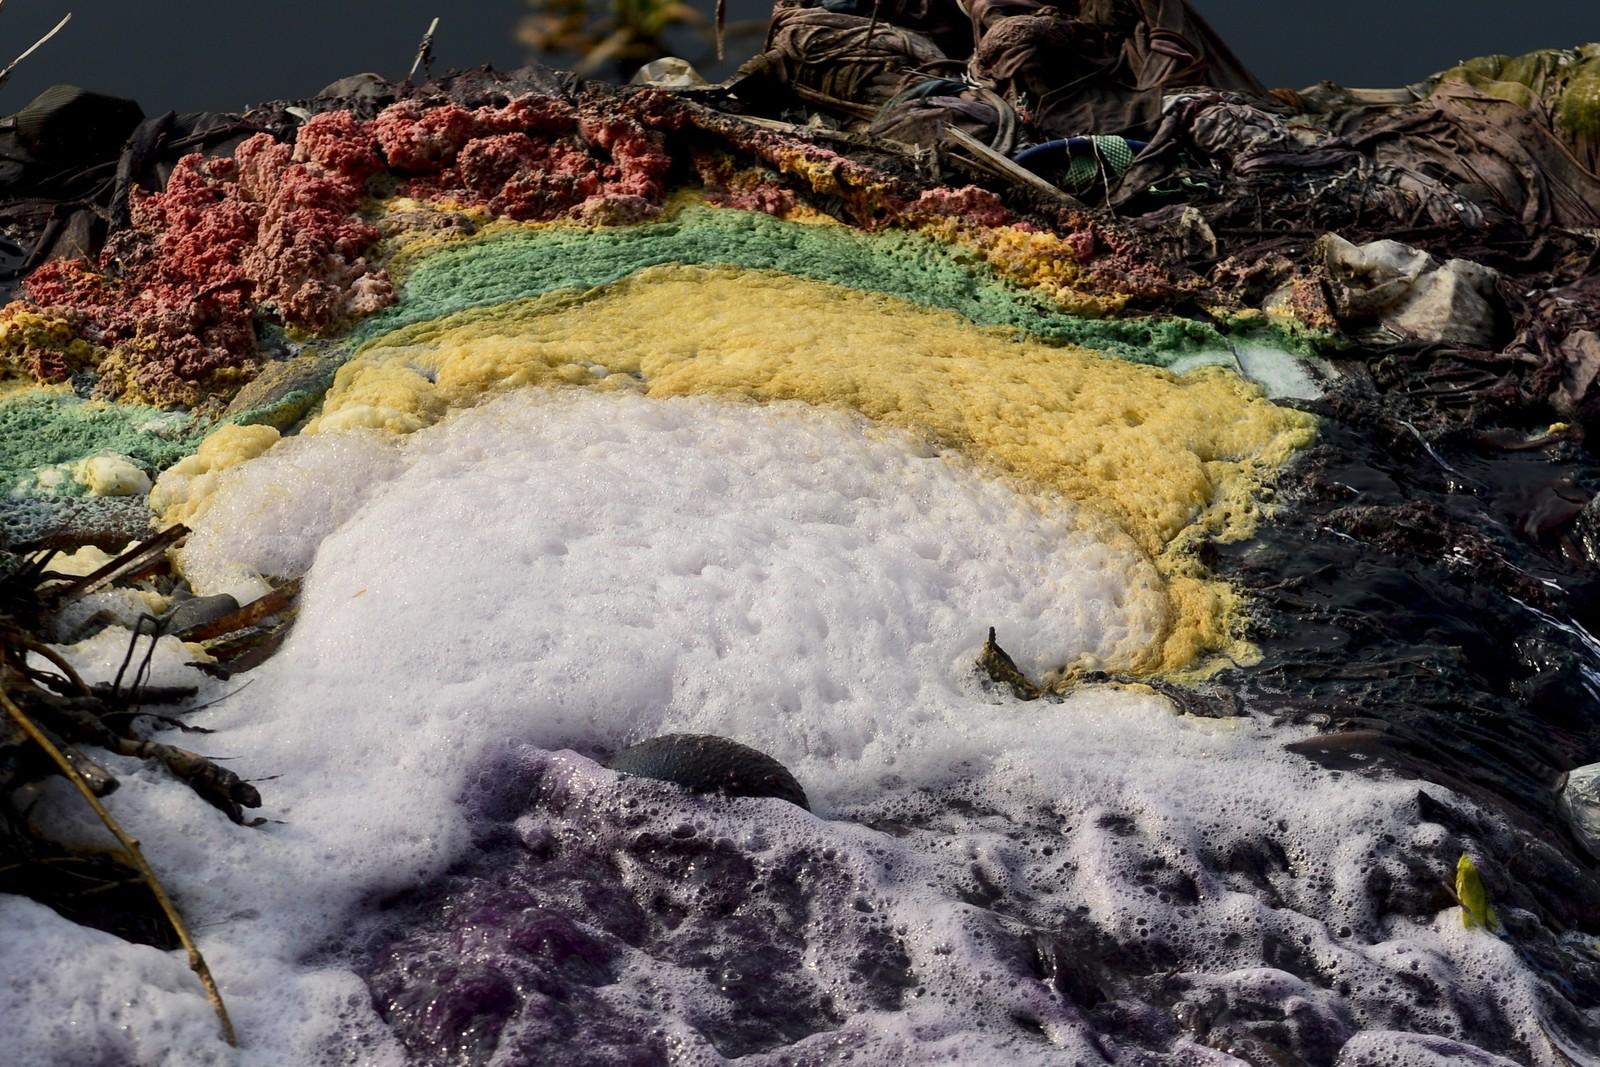 Kjemikalier fra industrien dumpes i Shitalakyaelven i Dhaka, Bangladesh. I følge FNs vannrapport vil behovet for vann i industrien øke med 400 prosent fram til 2050.